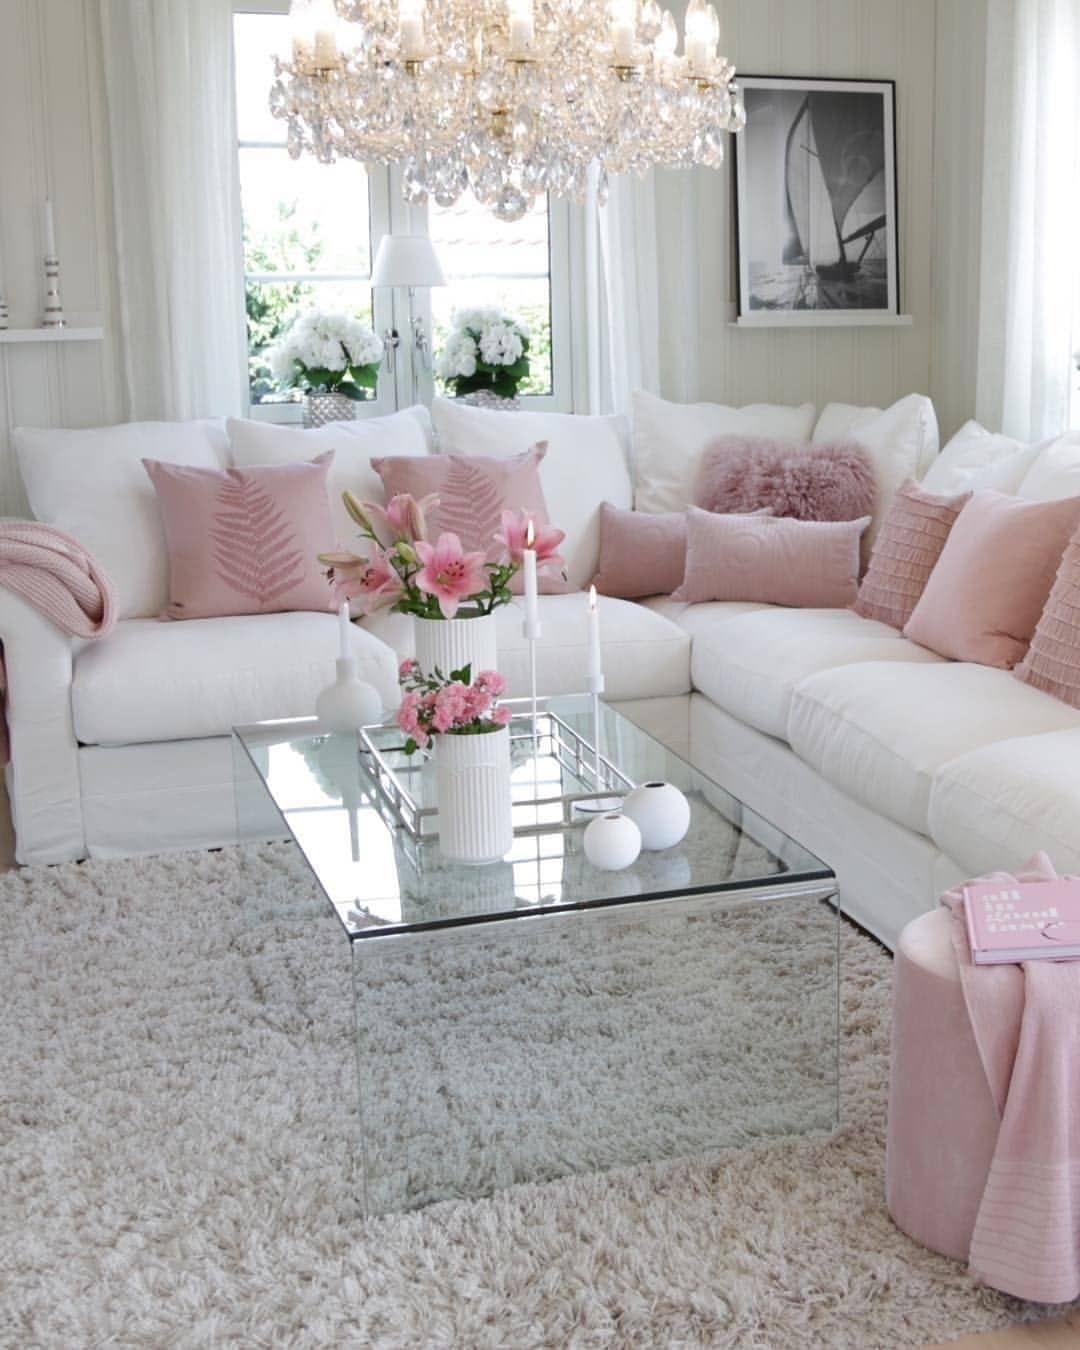 rose living room decor ideas (с изображениями)  Стили гостиной